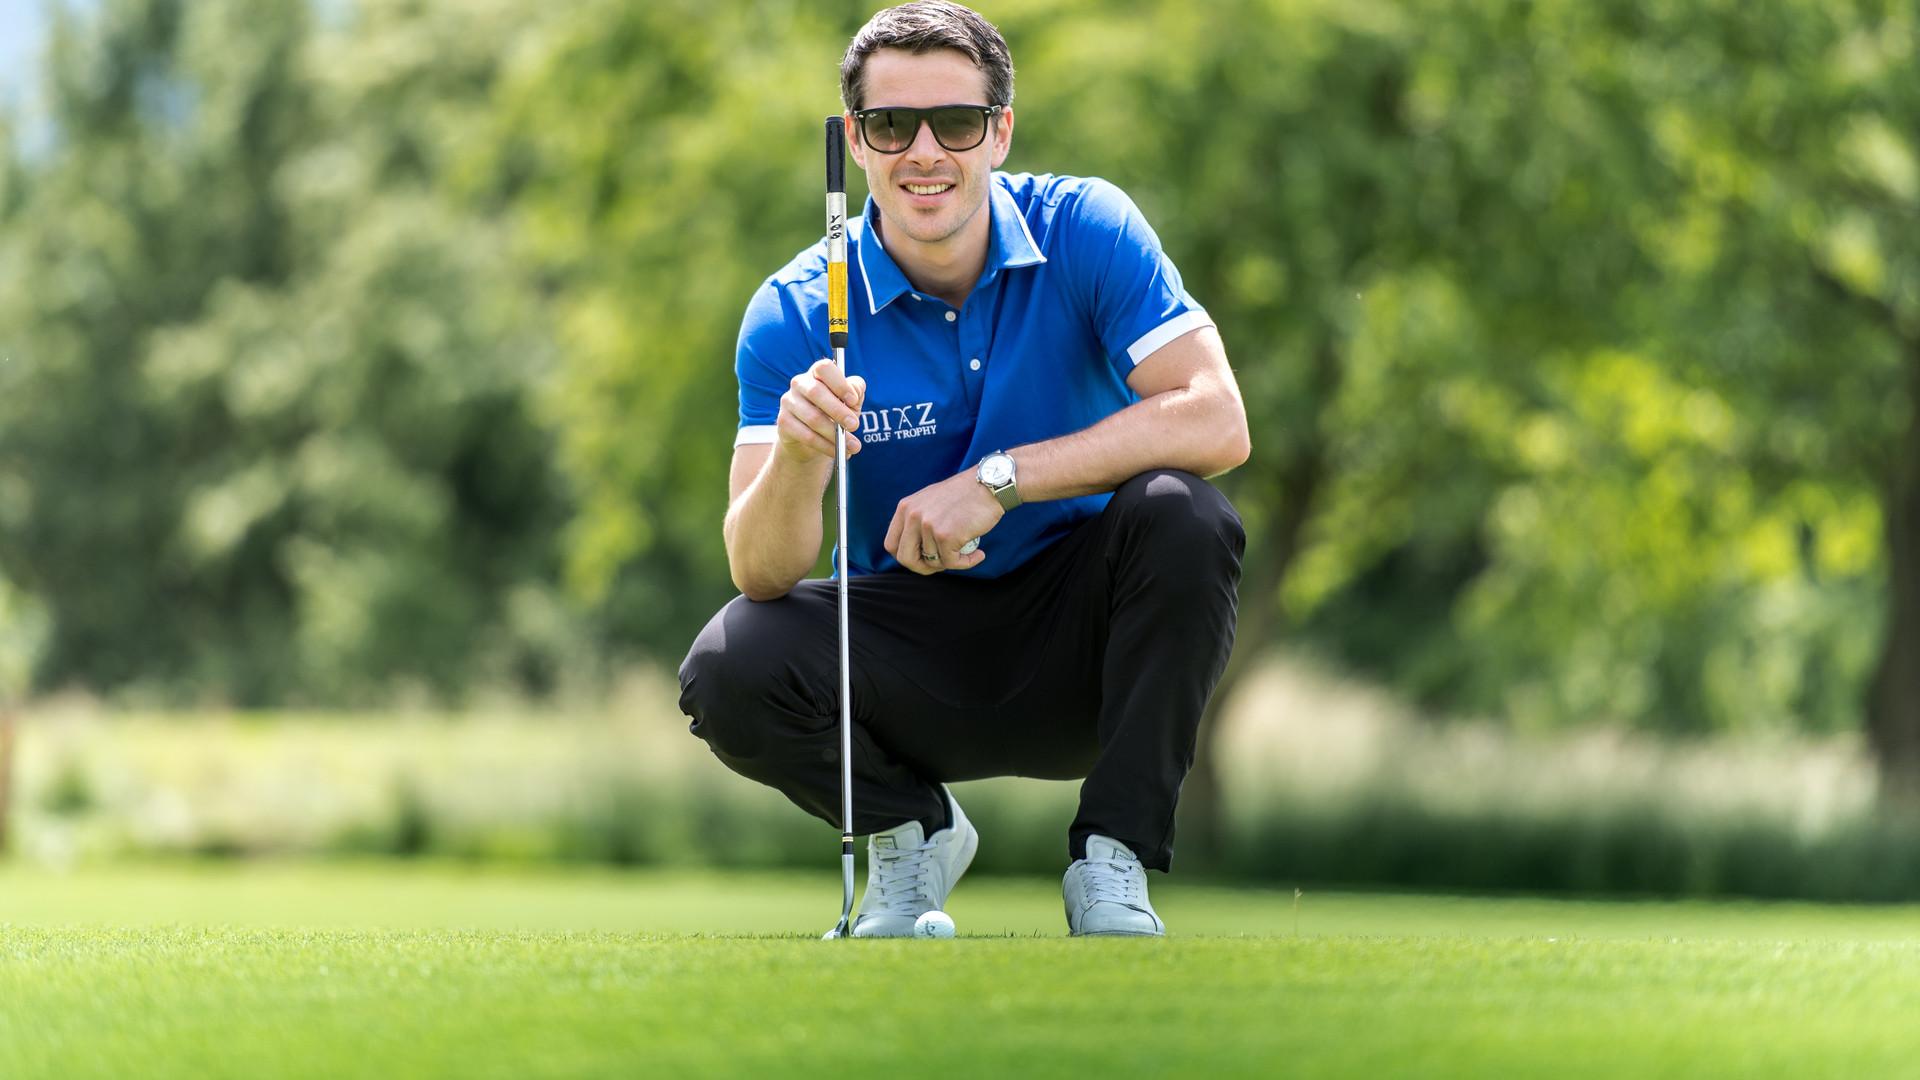 Diaz Golf Trophy 2018